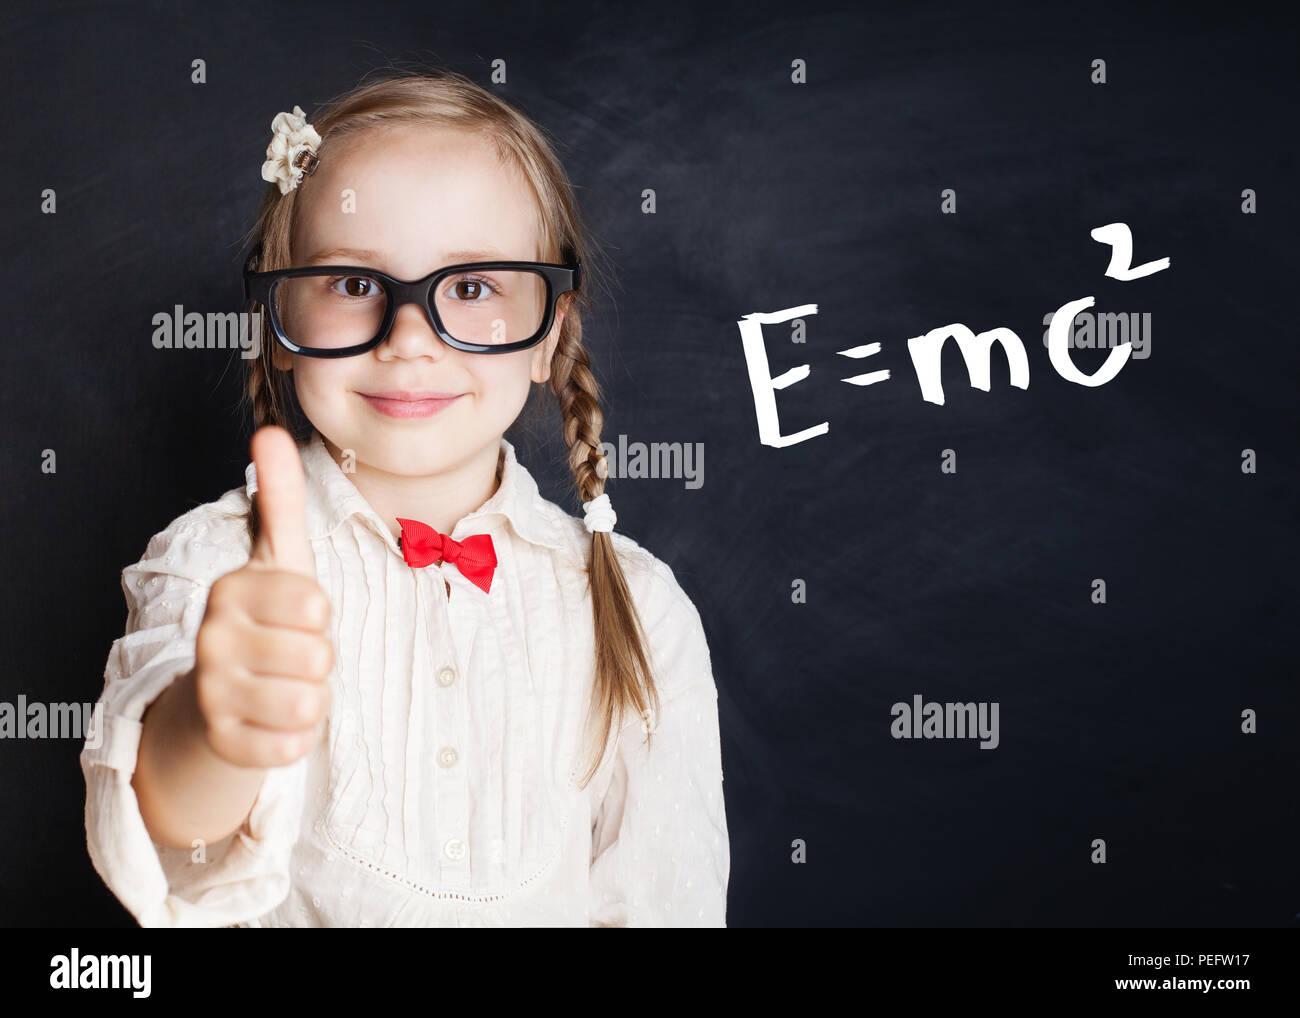 Kleines genie Portrait. Kinder mathematische Bildung Konzept. Kleines Mädchen mit Daumen hoch, an Hand von Zeichnungen mathematische Wissenschaft Formel Muster Stockbild